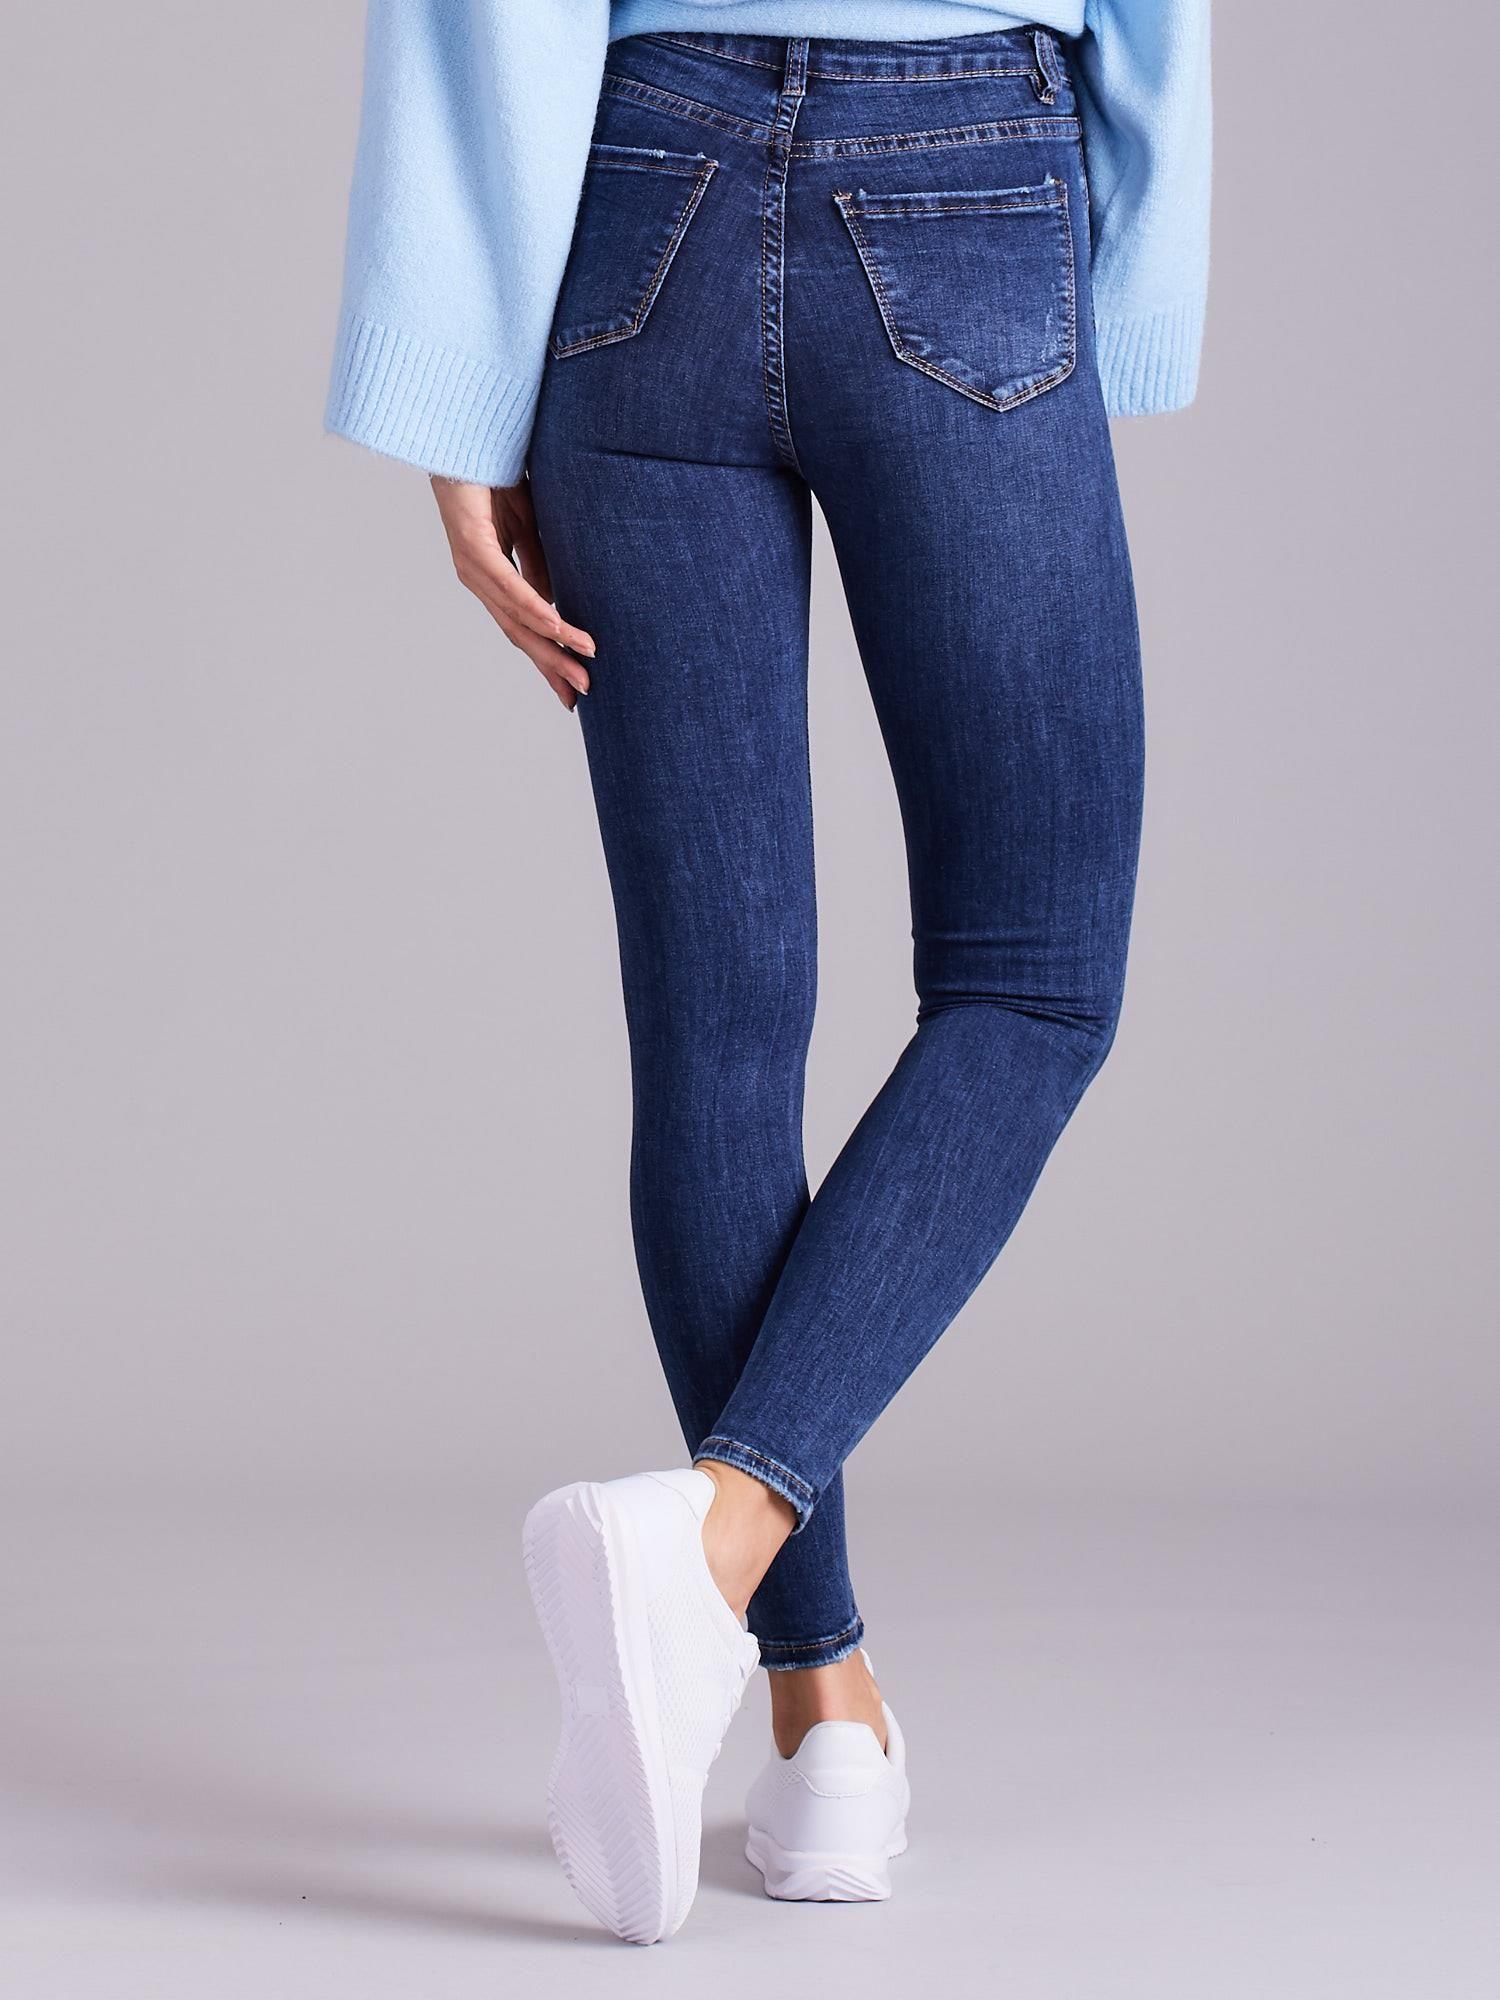 1e3856f36650a7 Niebieskie jeansy damskie z wysokim stanem - Spodnie jeansowe ...